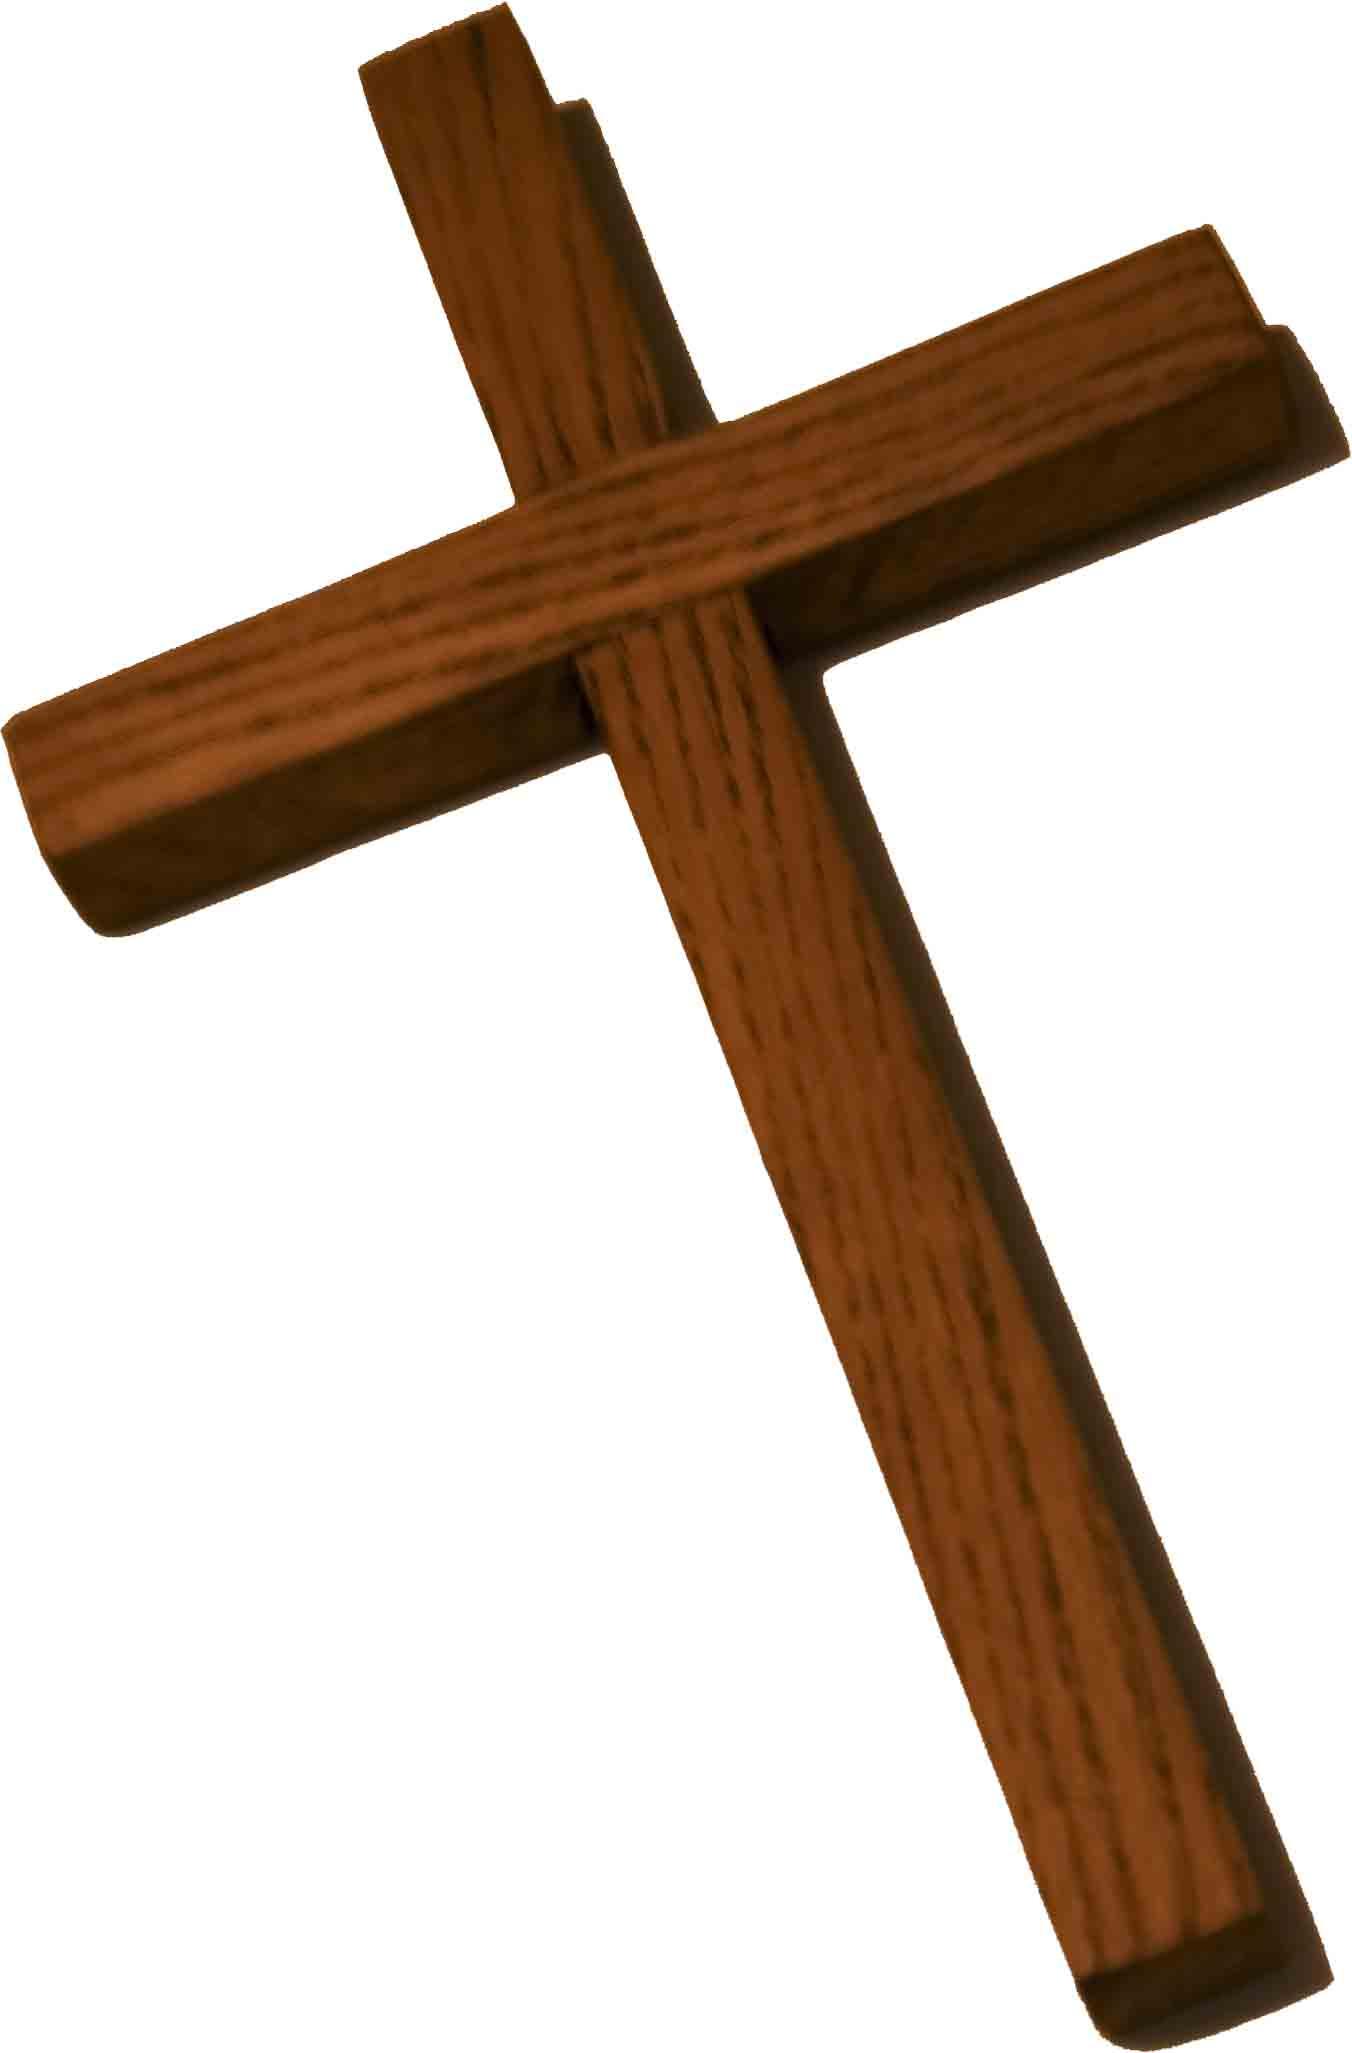 Wooden cross clipart 3